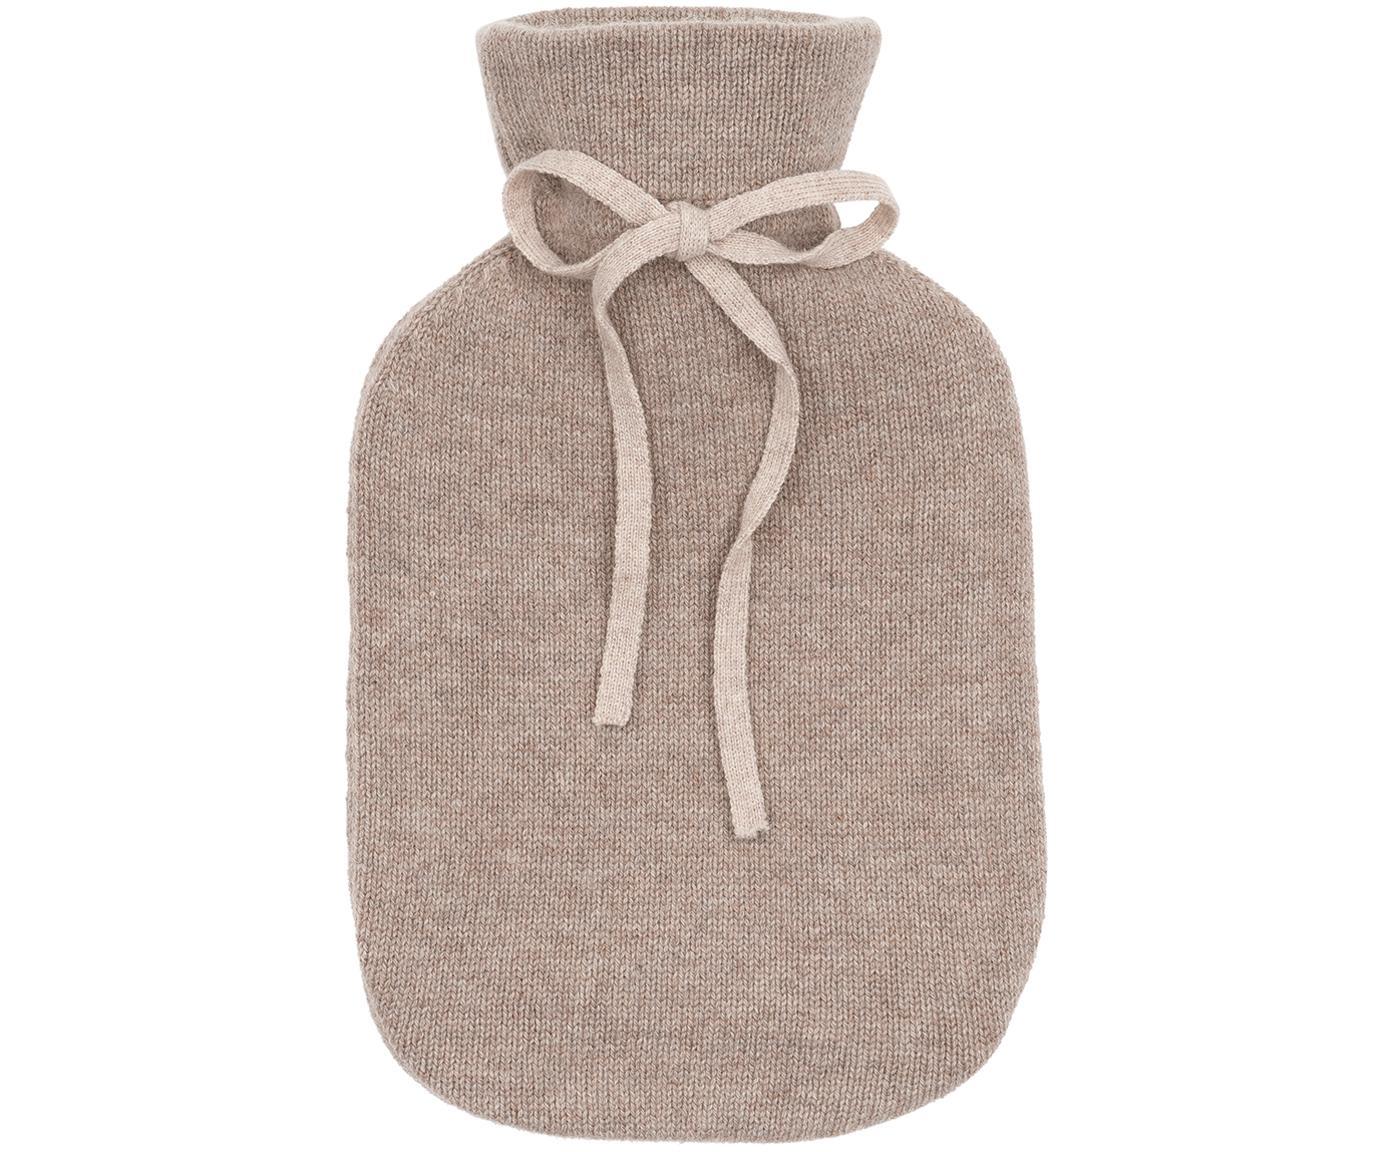 Kaschmir-Wärmflasche Florentina, Bezug: 70% Kaschmir, 30% Merinow, Bezug: TaupeZierschleife: BeigeWärmflasche: Cremeweiss, 19 x 30 cm